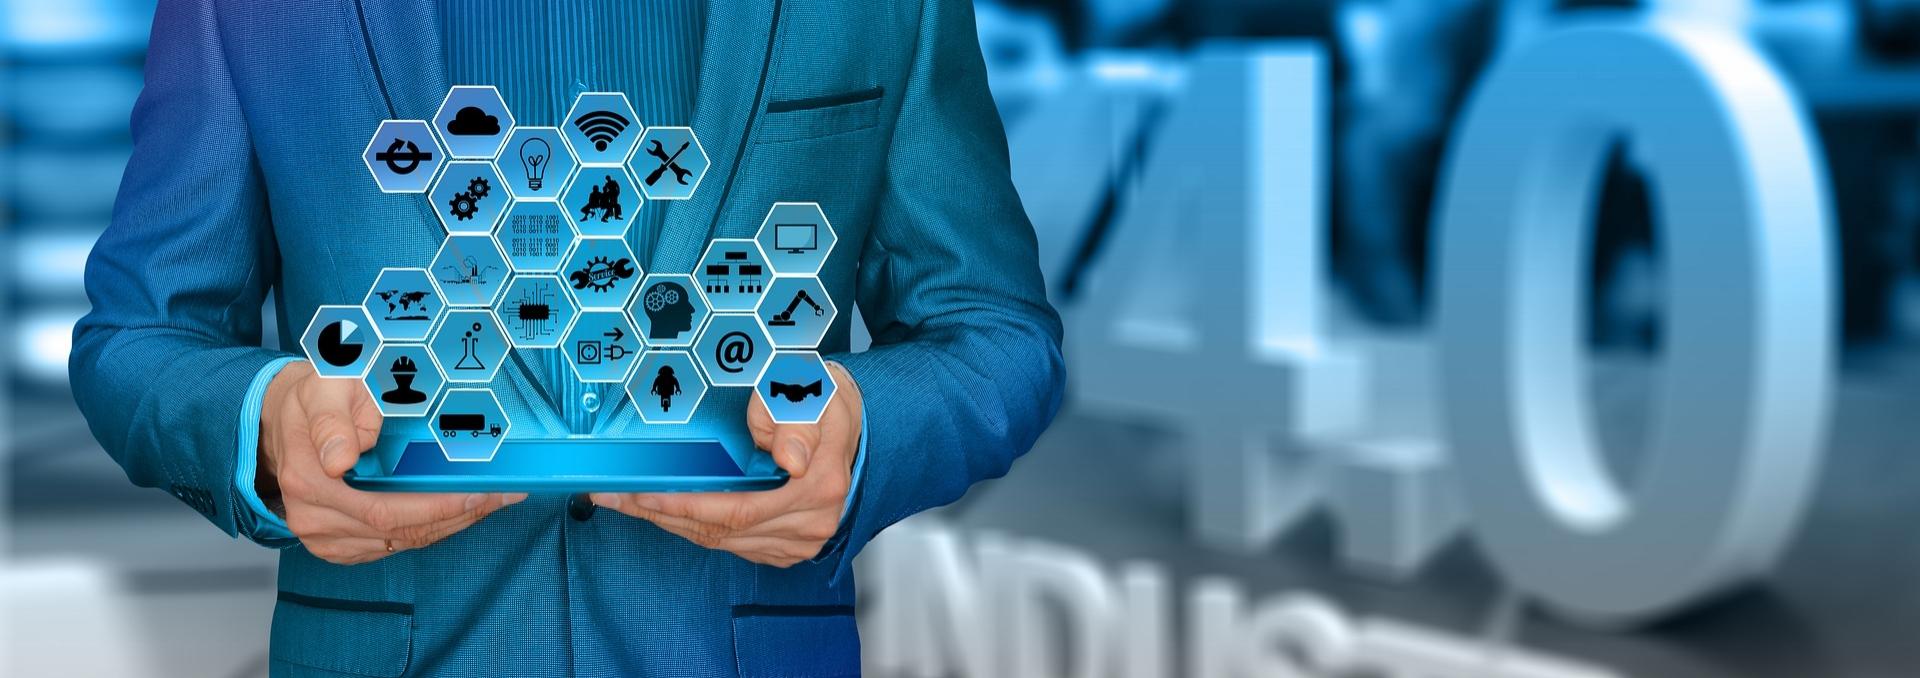 Interoperabilità e Integrazione nell'era dell' I 4.0